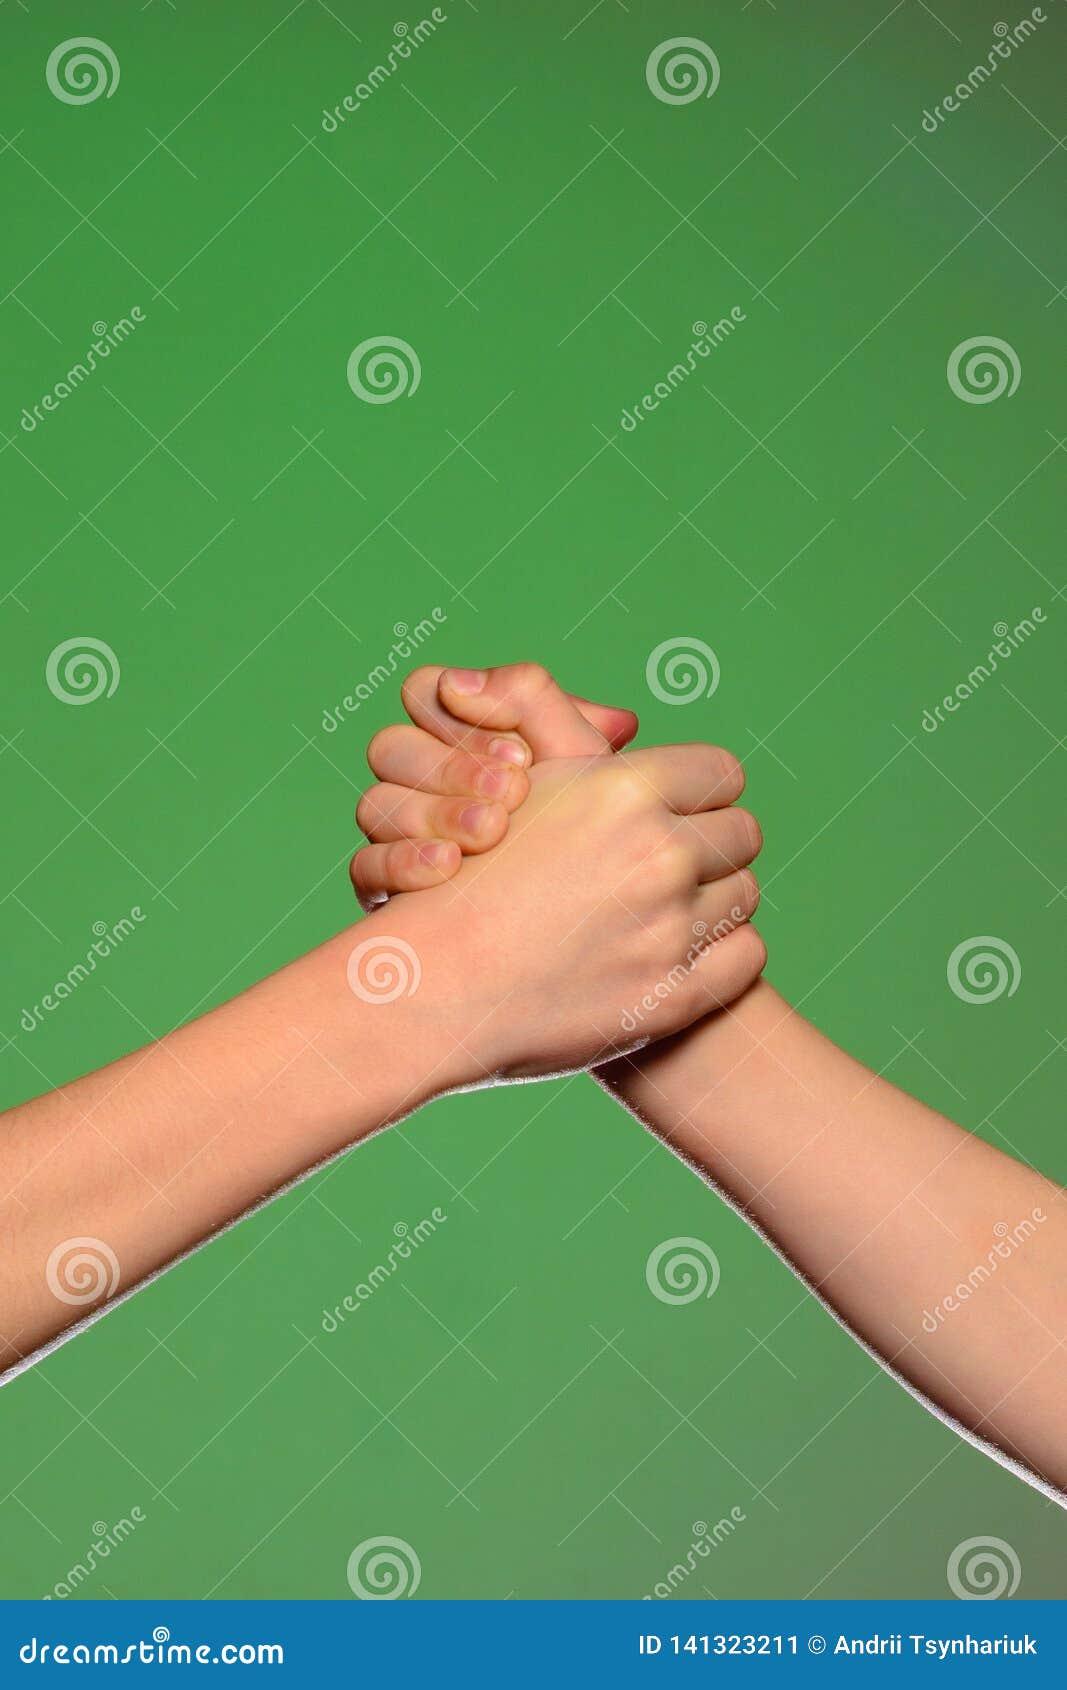 Twee handenhanddruk, die op een groene achtergrond wordt geïsoleerd, die vriendschap en verzoening symboliseren